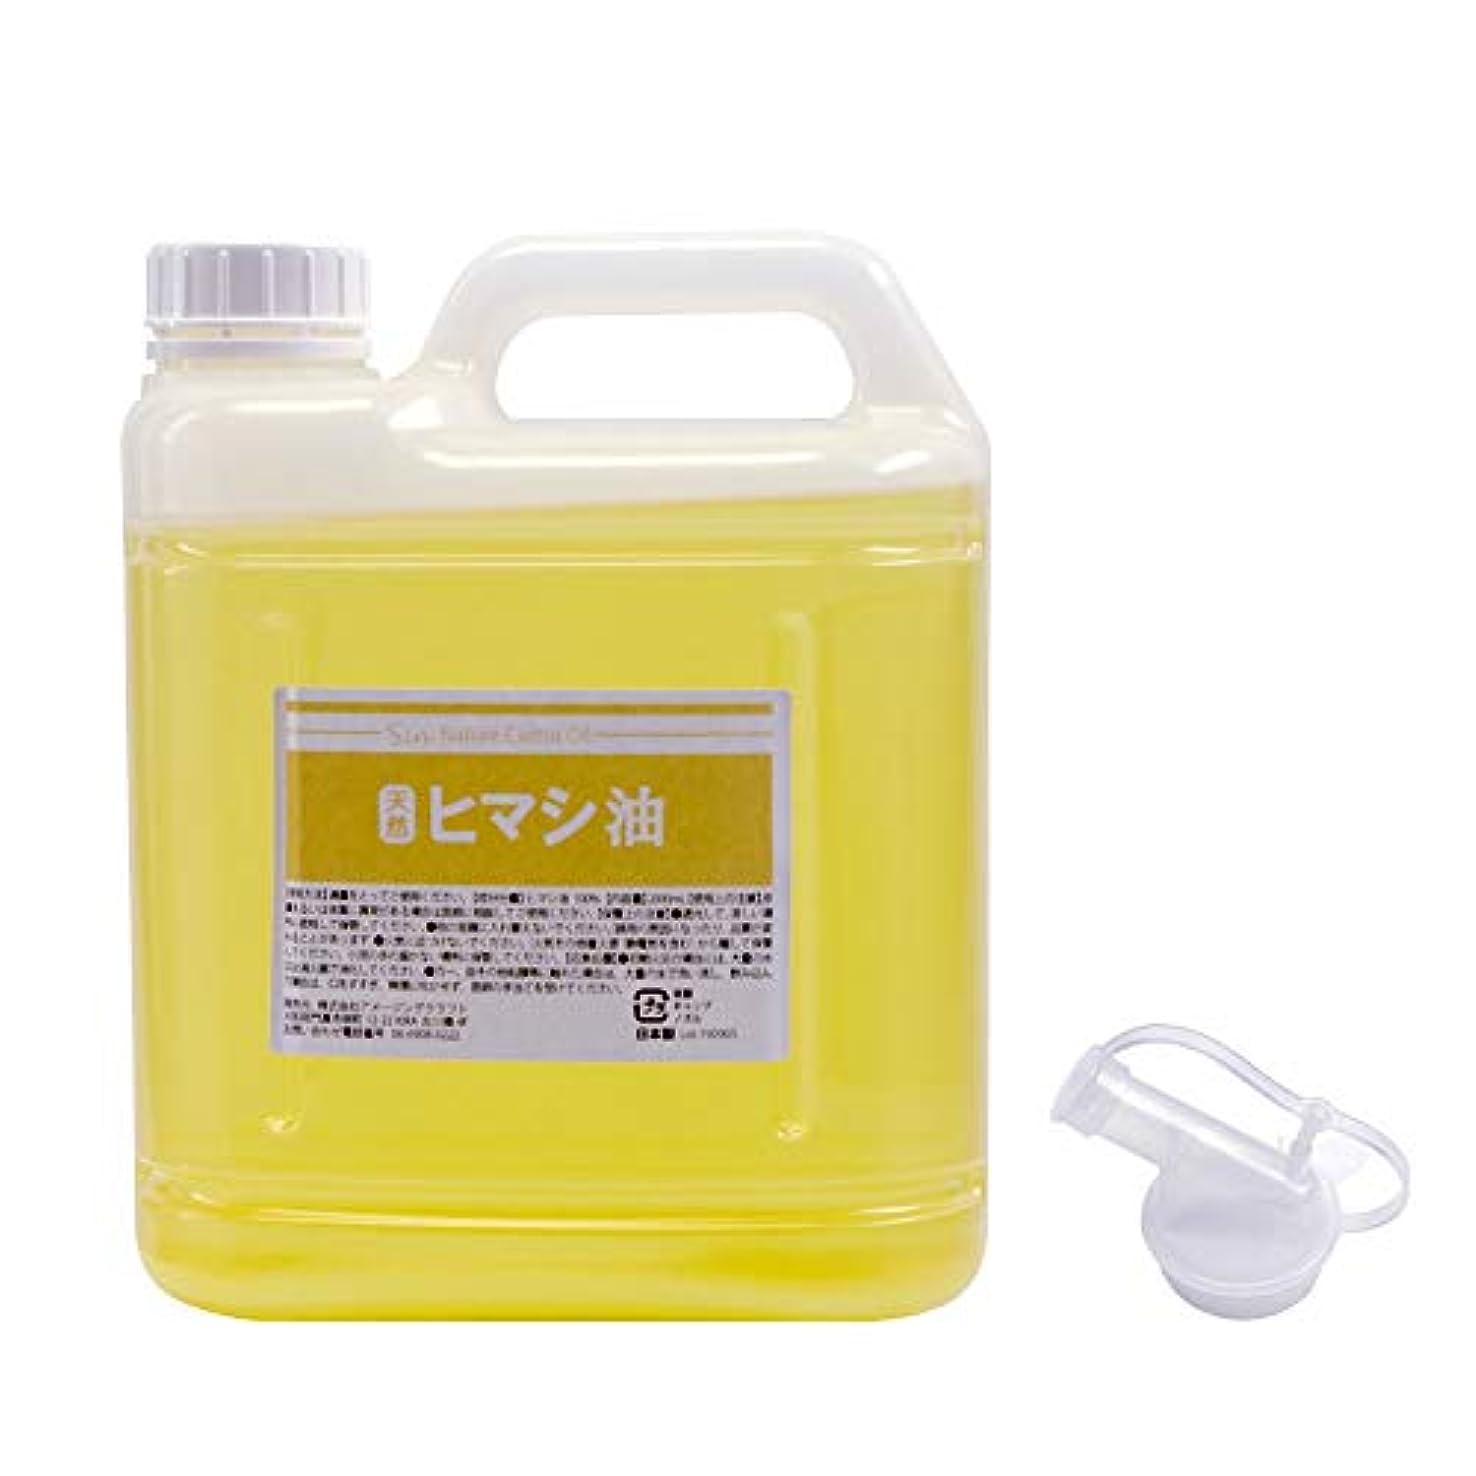 立方体代名詞脅威天然無添加 国内精製ひまし油 (キャスターオイル) 2000ml 2L